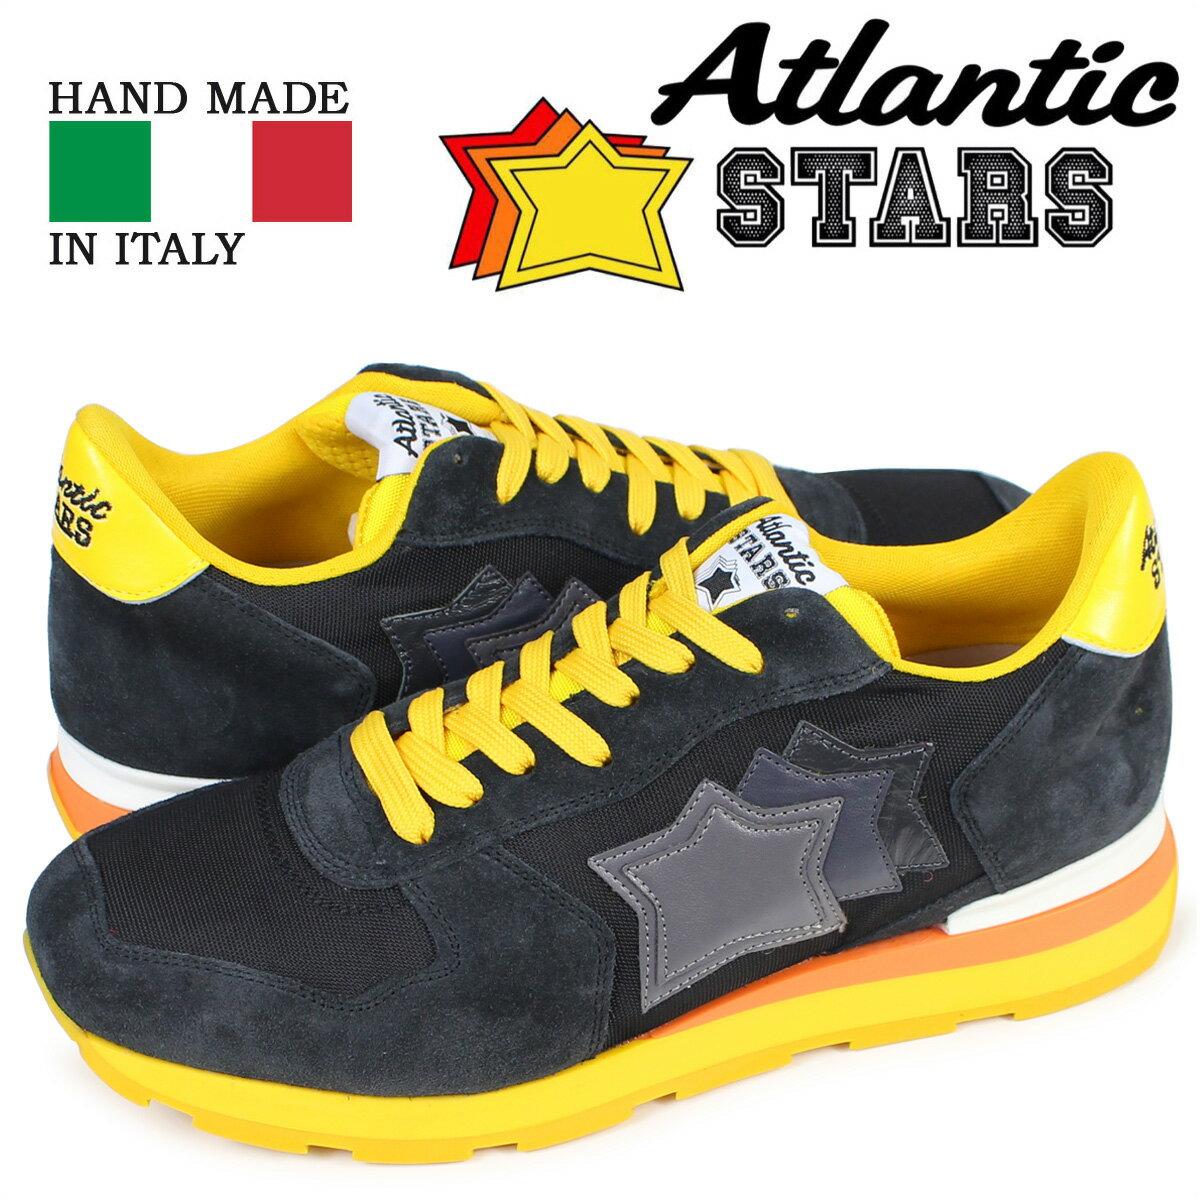 【最大1000円OFFクーポン ポイント最大30倍】 アトランティックスターズ メンズ スニーカー Atlantic STARS アンタレス ANTARES SB-46B 靴 ブラック